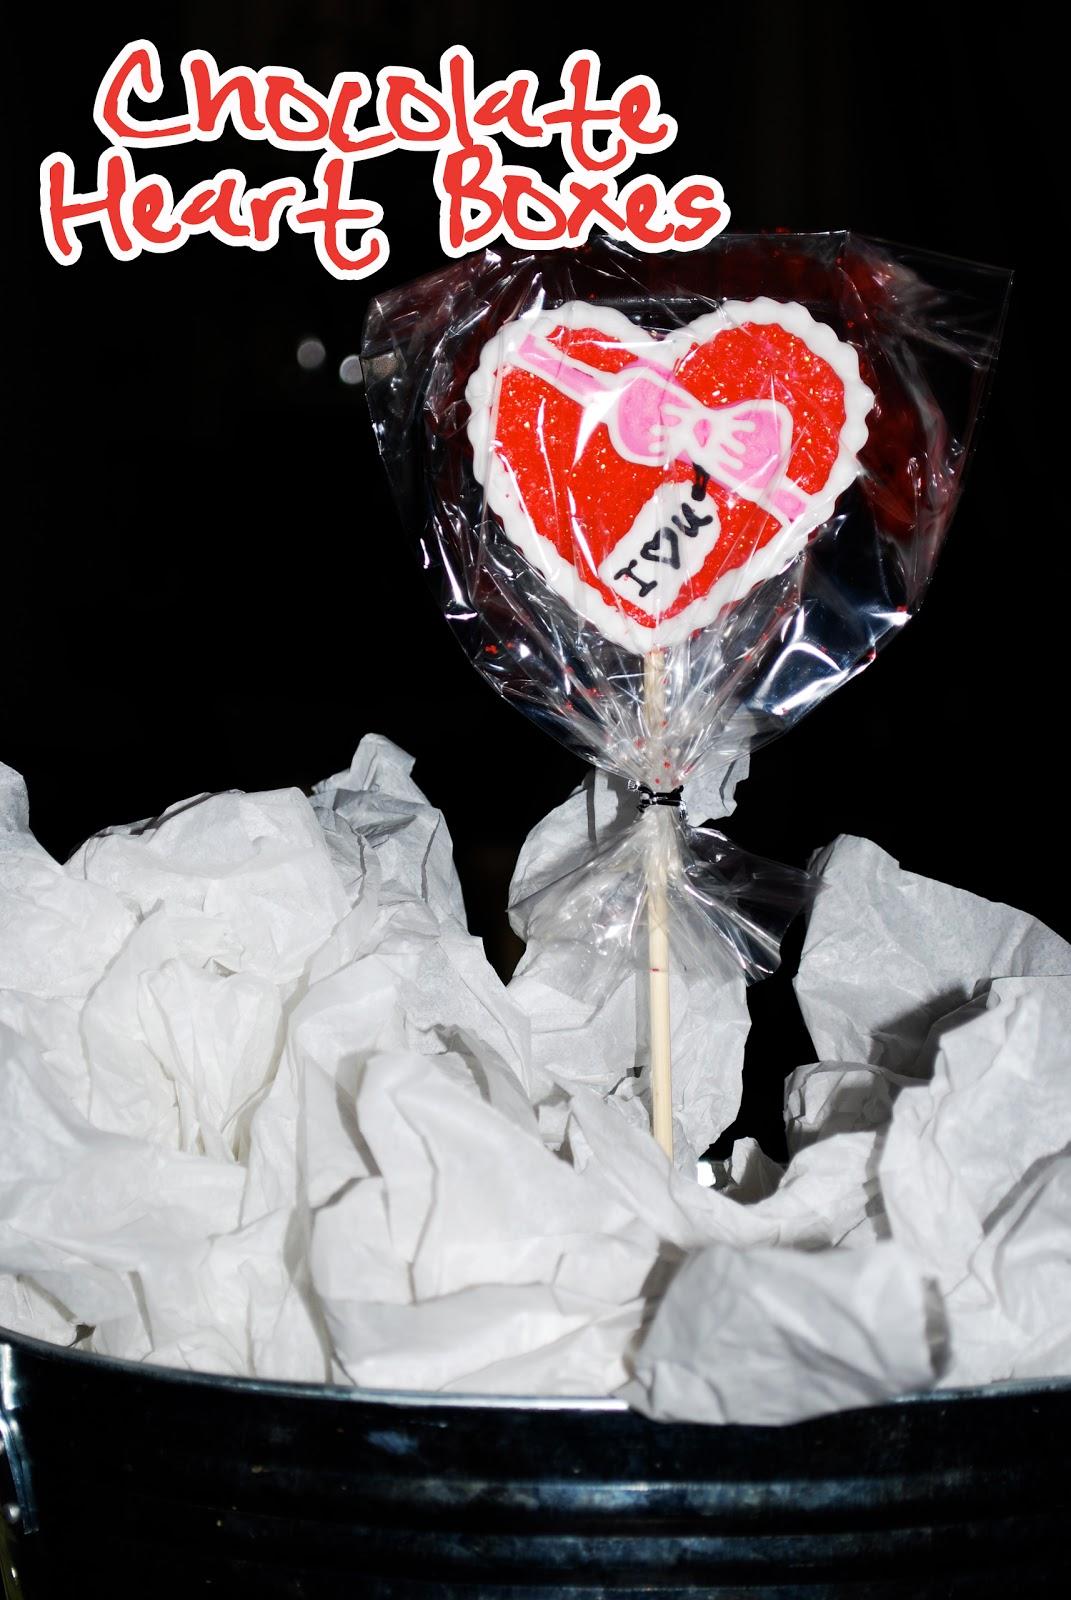 http://1.bp.blogspot.com/_GPWQpLu_UTg/TTjlvPKrccI/AAAAAAAADRc/sImMsJZfFGU/s1600/ChocolateheartboxSNP.jpg